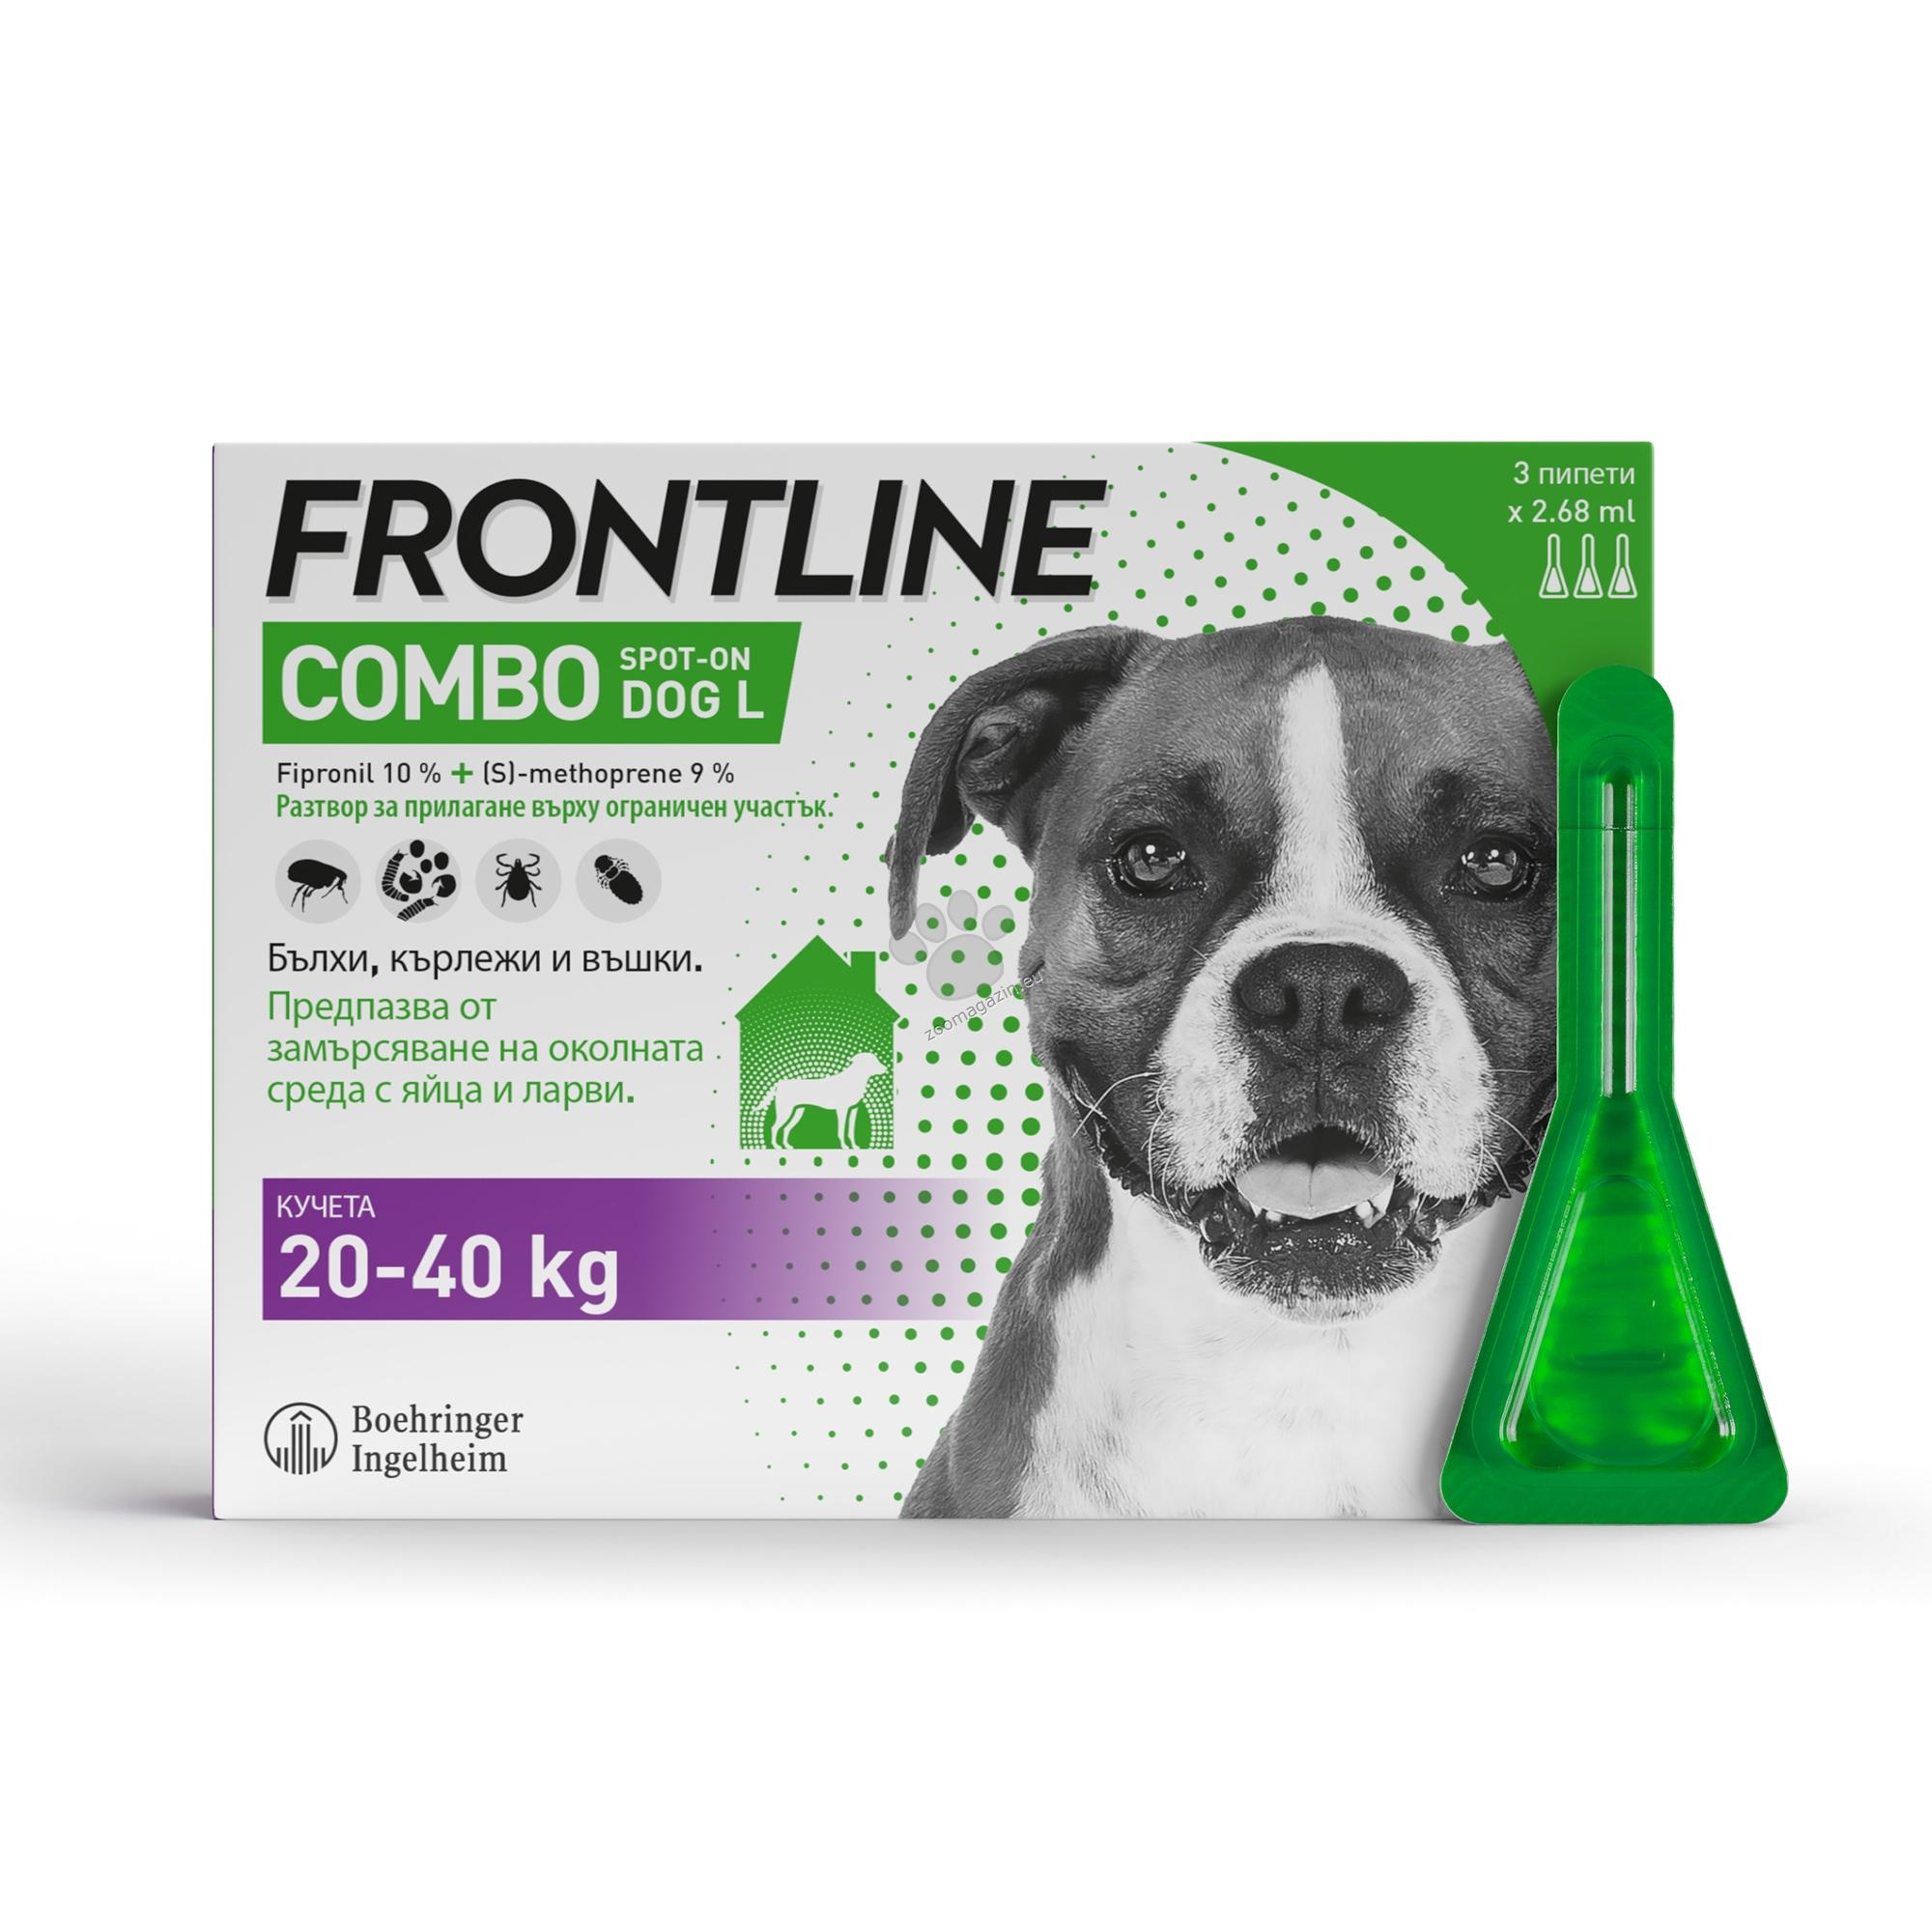 Frontline Combo spot on L - противопаразитна пипета за кучета от 20 до 40 кг.